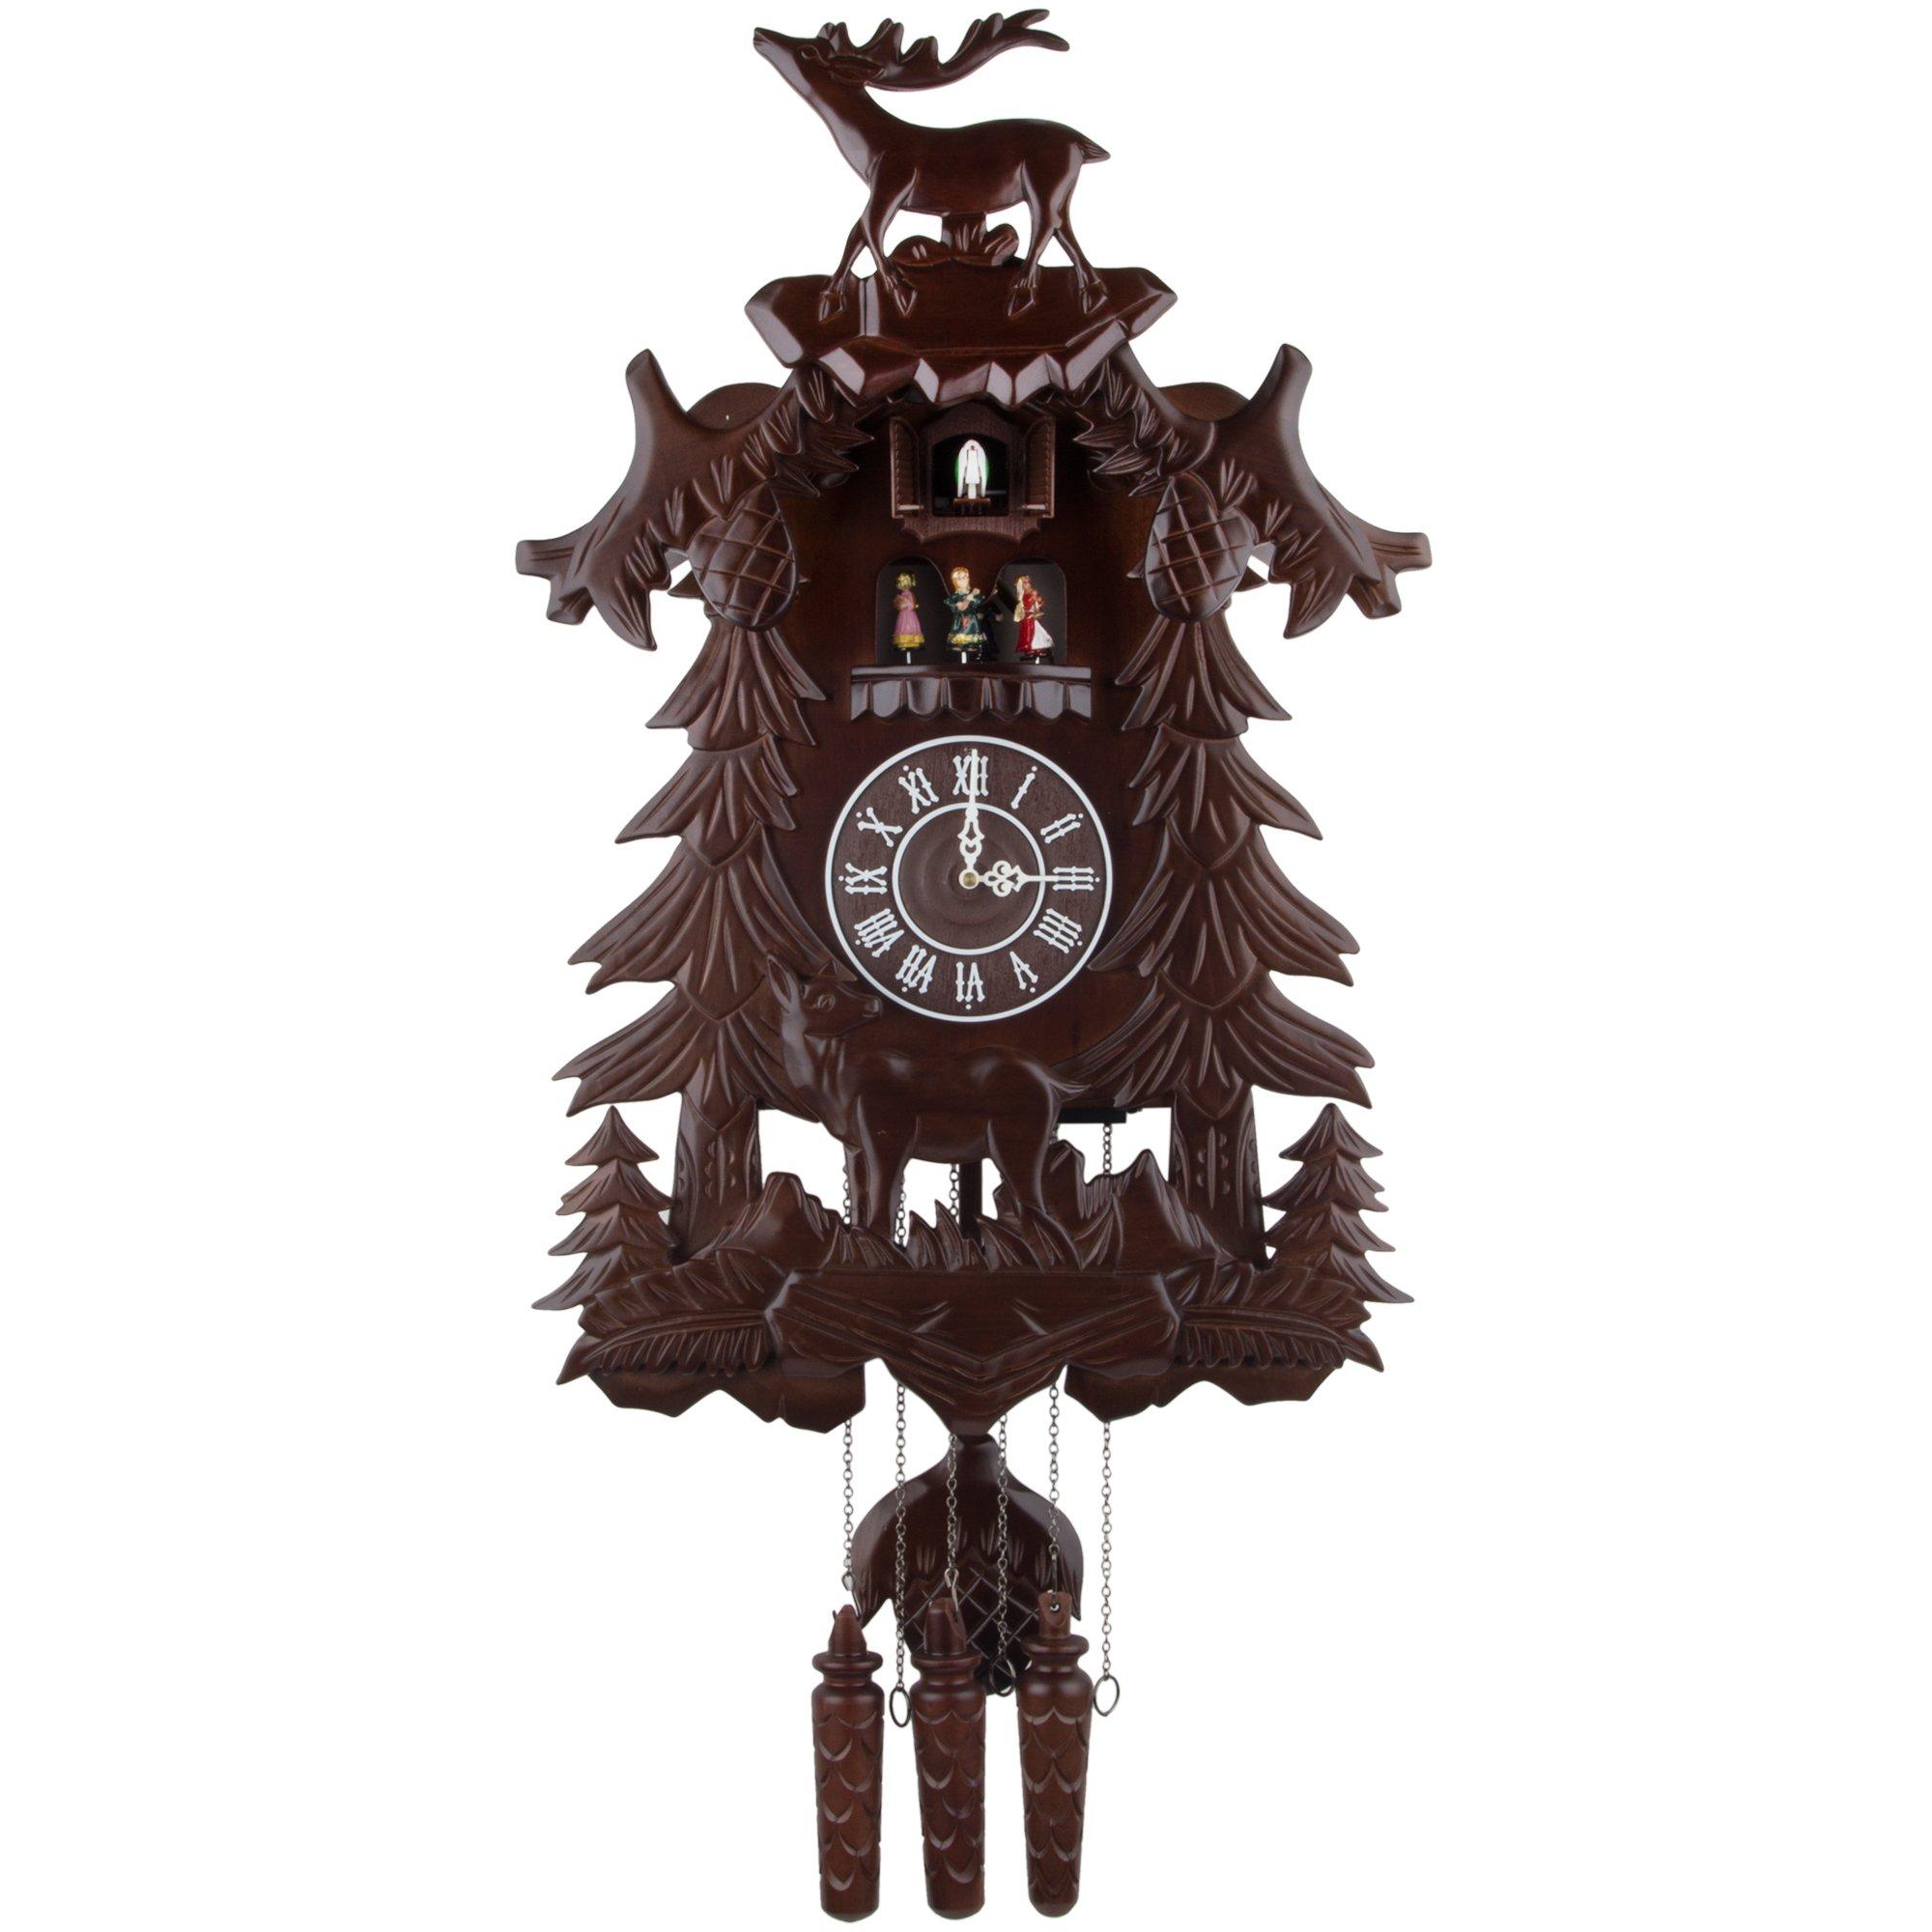 Cuckoo clock 1